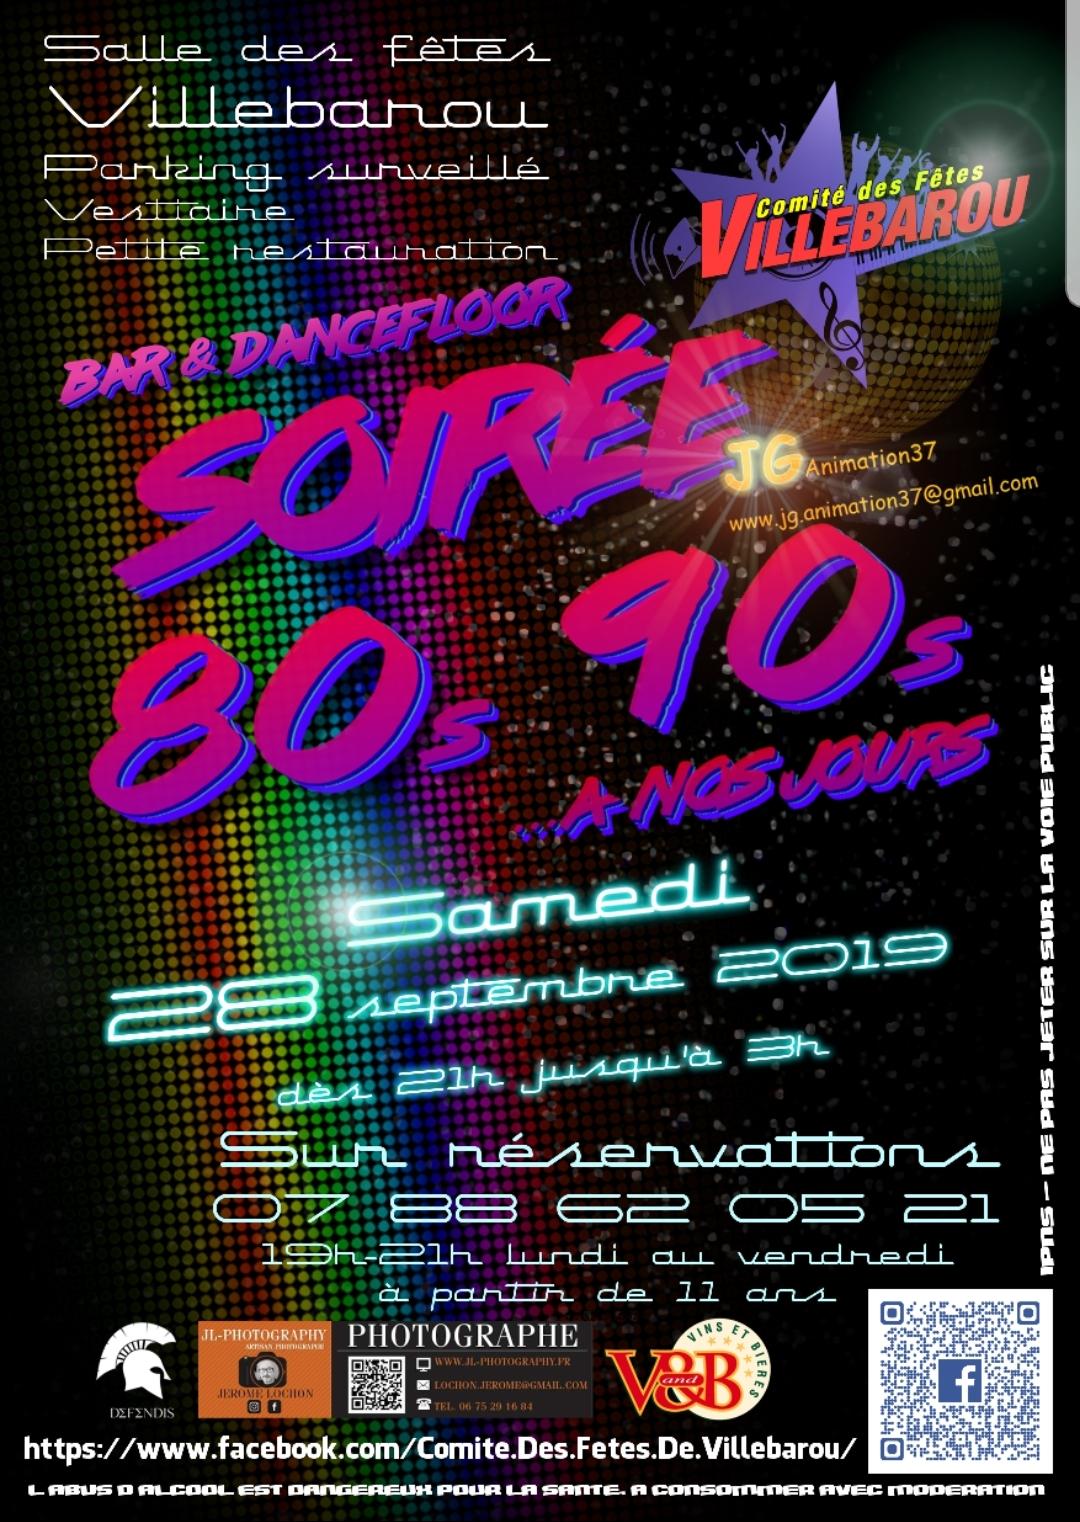 Comité des fêtes Villebarou - Soirée 80s - 90s